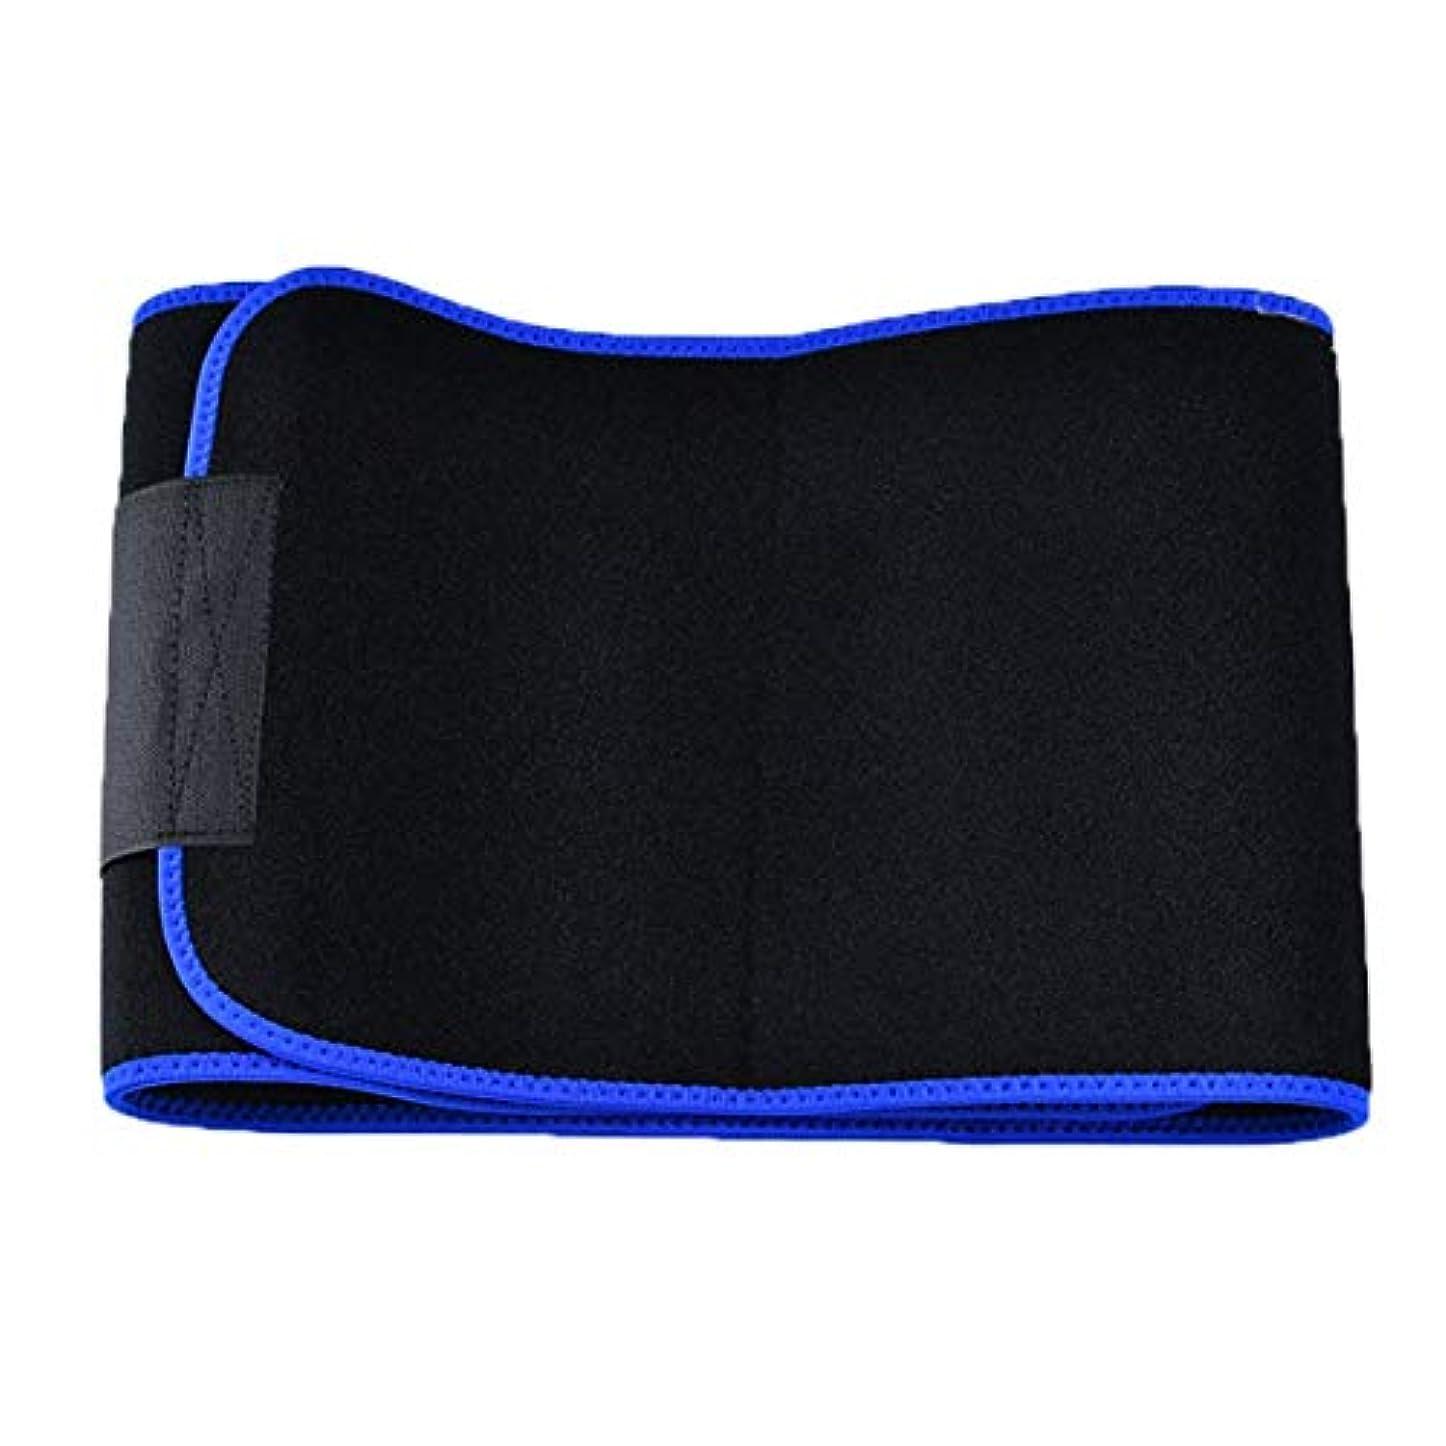 におい明確に落ち込んでいる腹部プラスチックベルトウエストサポートボディシェイパートレーニングコルセット痩身ウエストベルトスリム汗スポーツ保護具